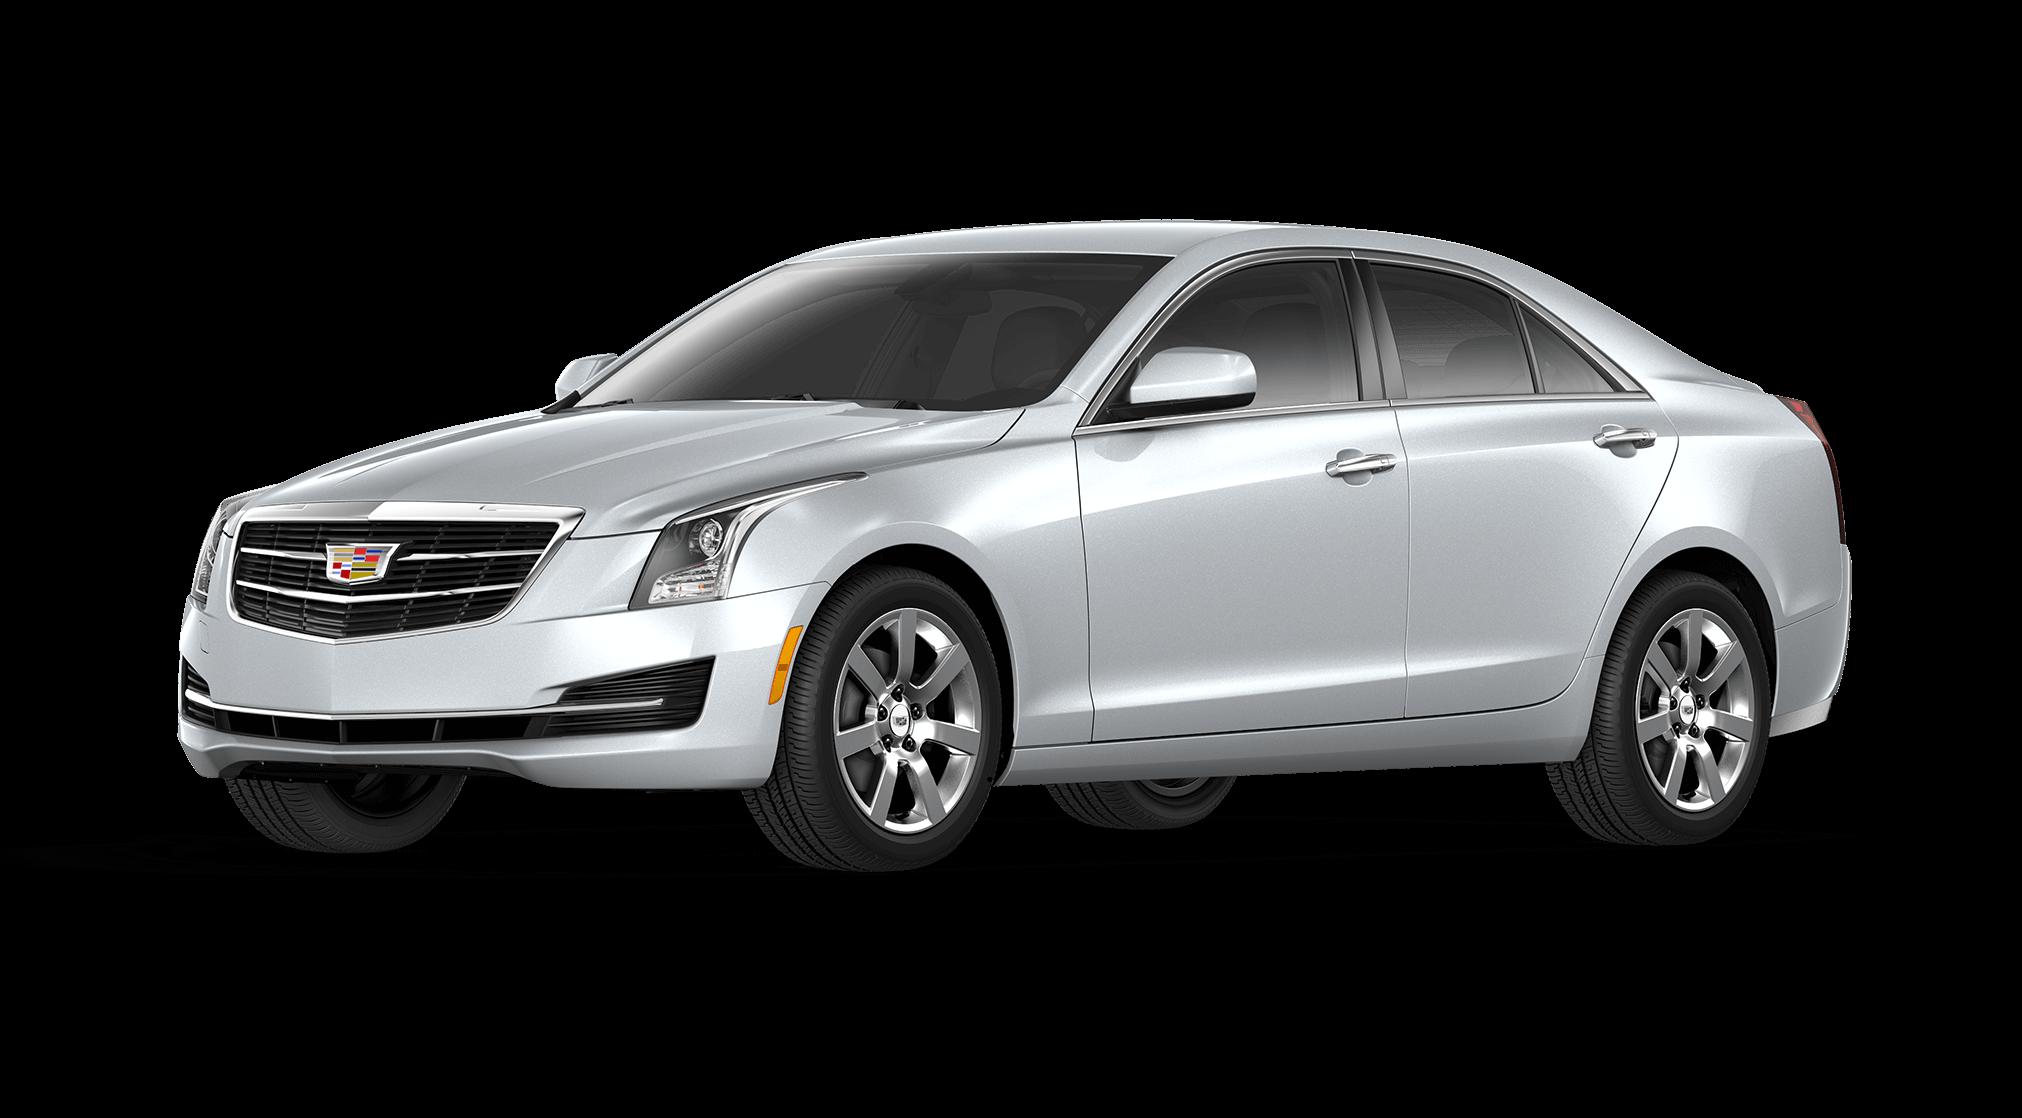 Silver Cadillac ATS